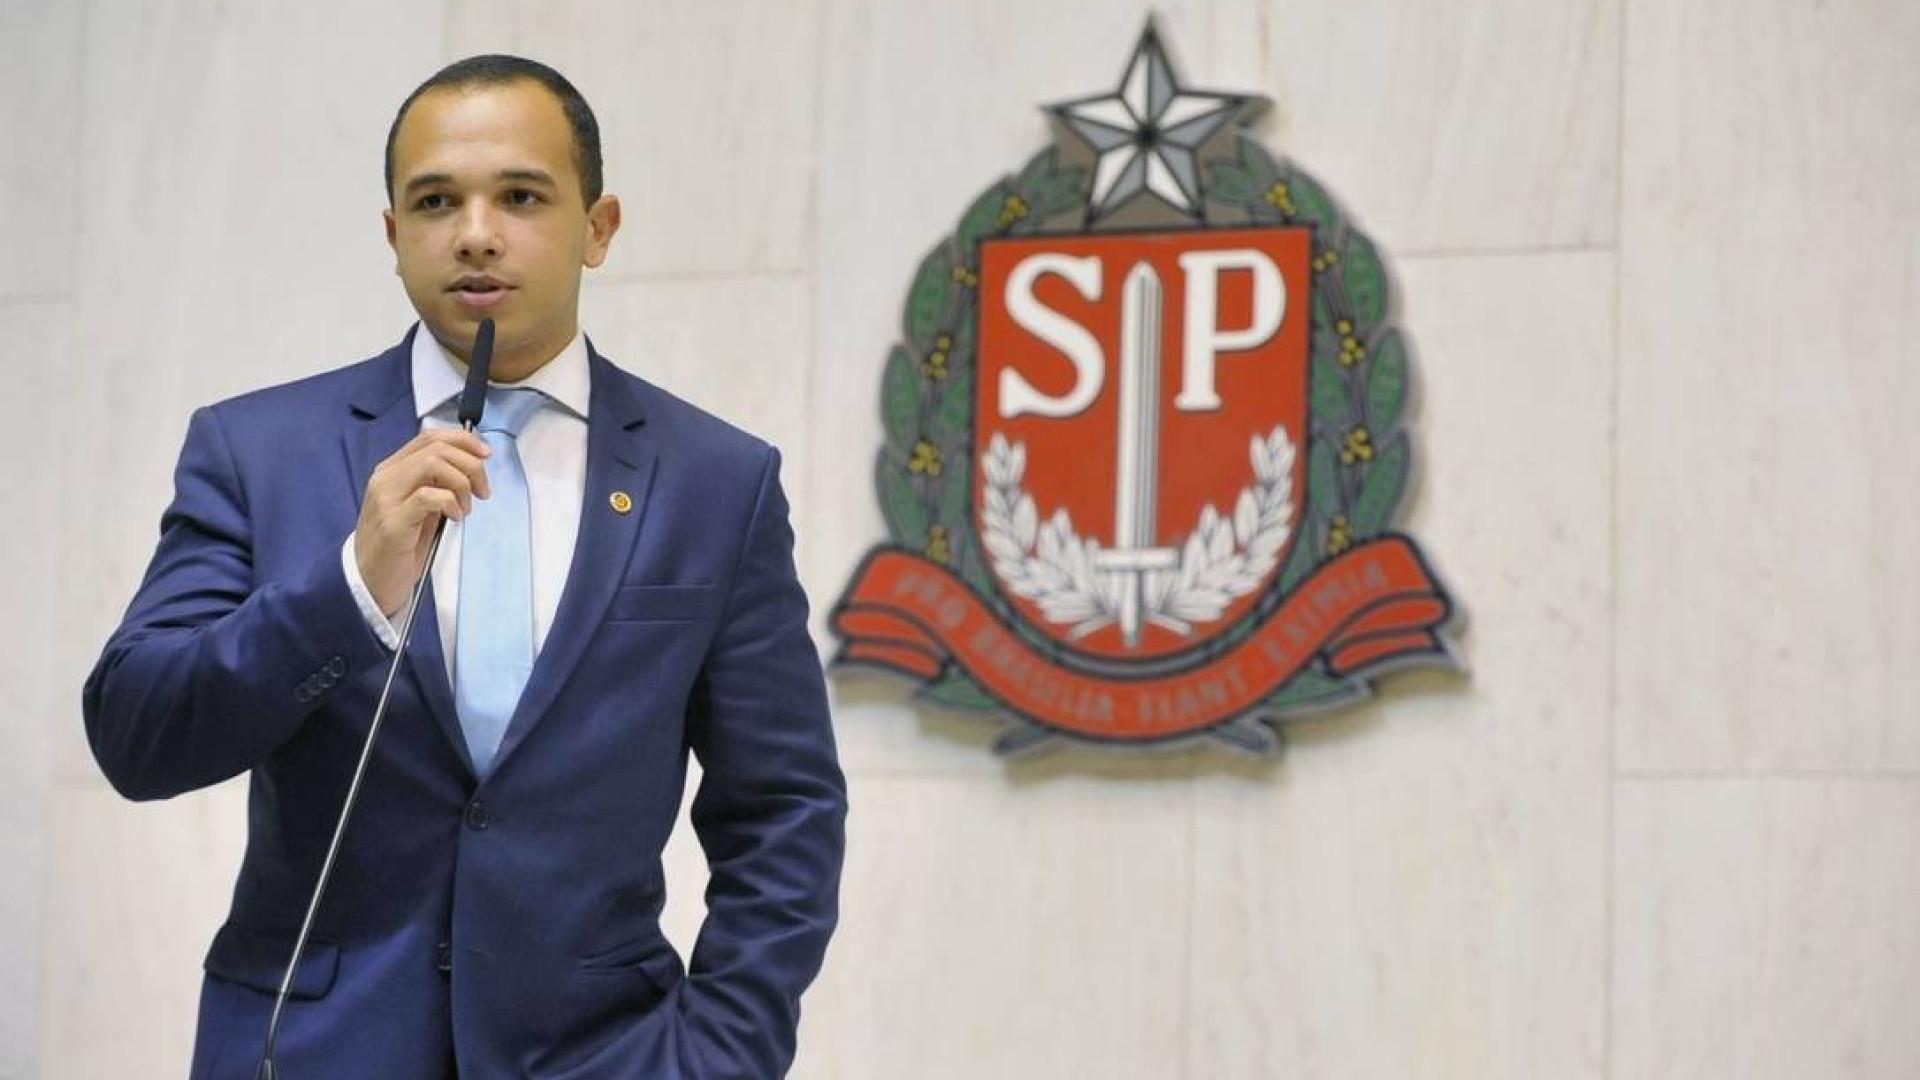 Deputado do PSL revela ser gay após atrito com deputada trans em SP